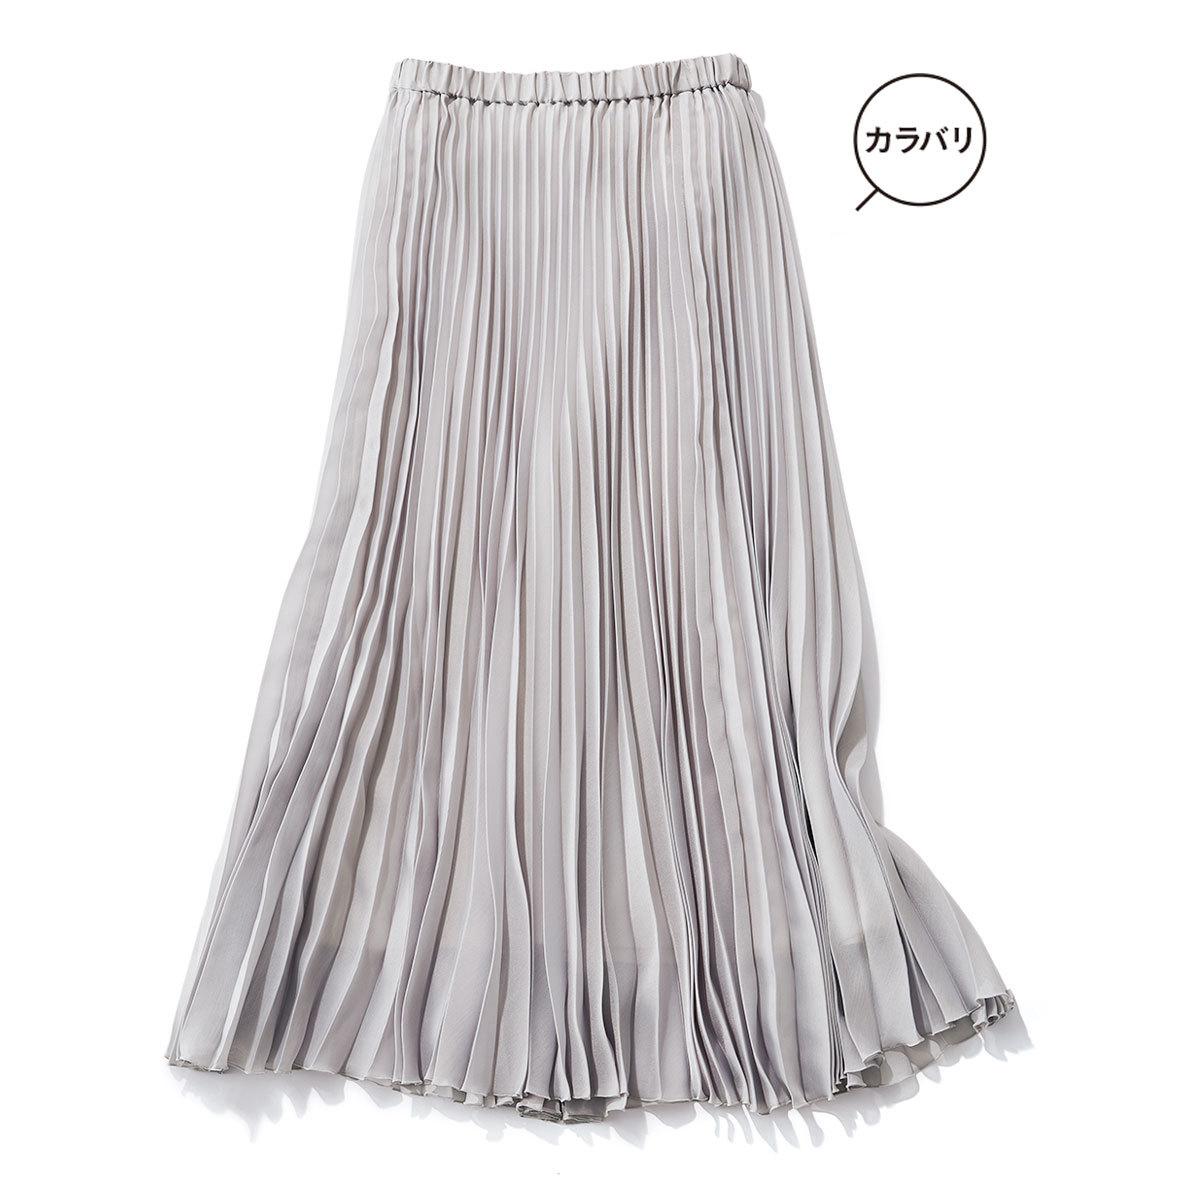 エムセブンデイズの洗えるお仕事服プリーツスカート